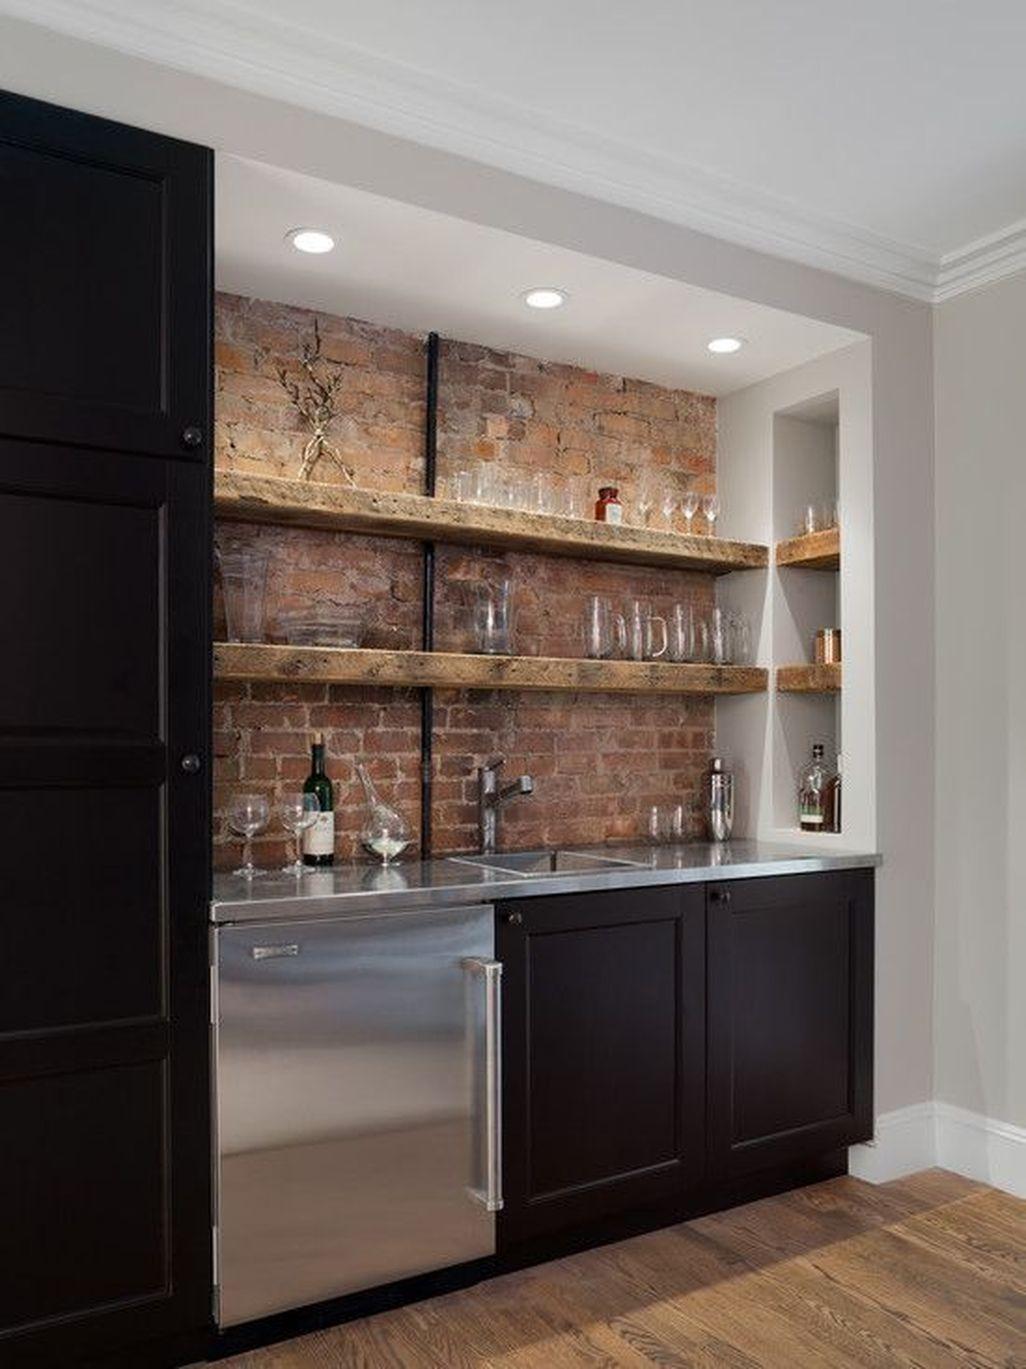 Elegant Exposed Brick Apartment Décor Ideas 10